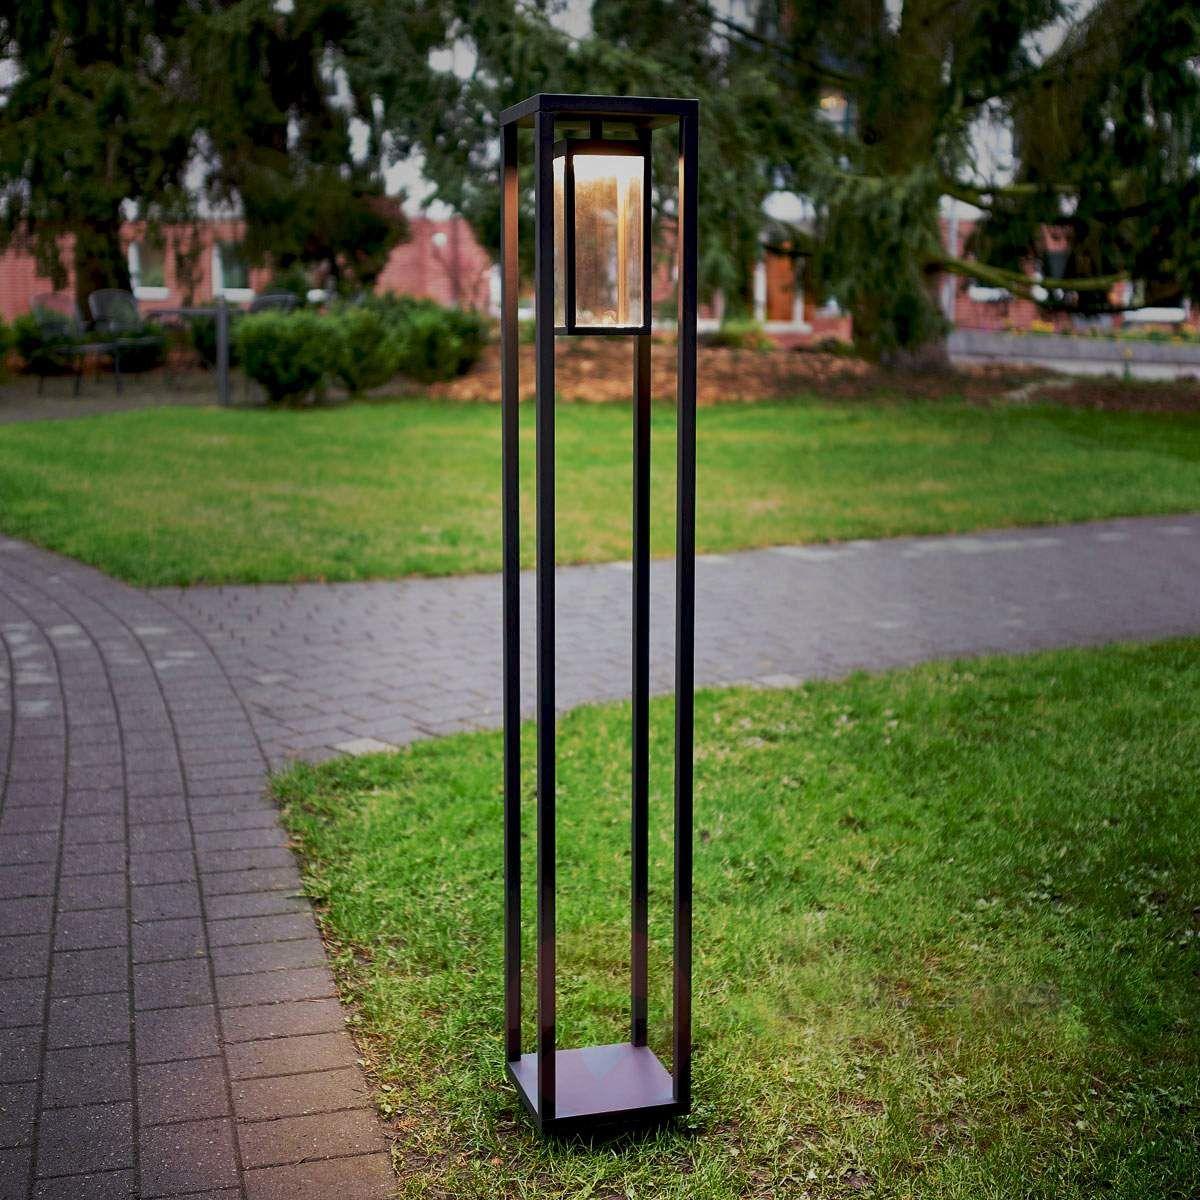 lampy ogrodowe z gniazdem | lampy ogrodowe solarne | lampy